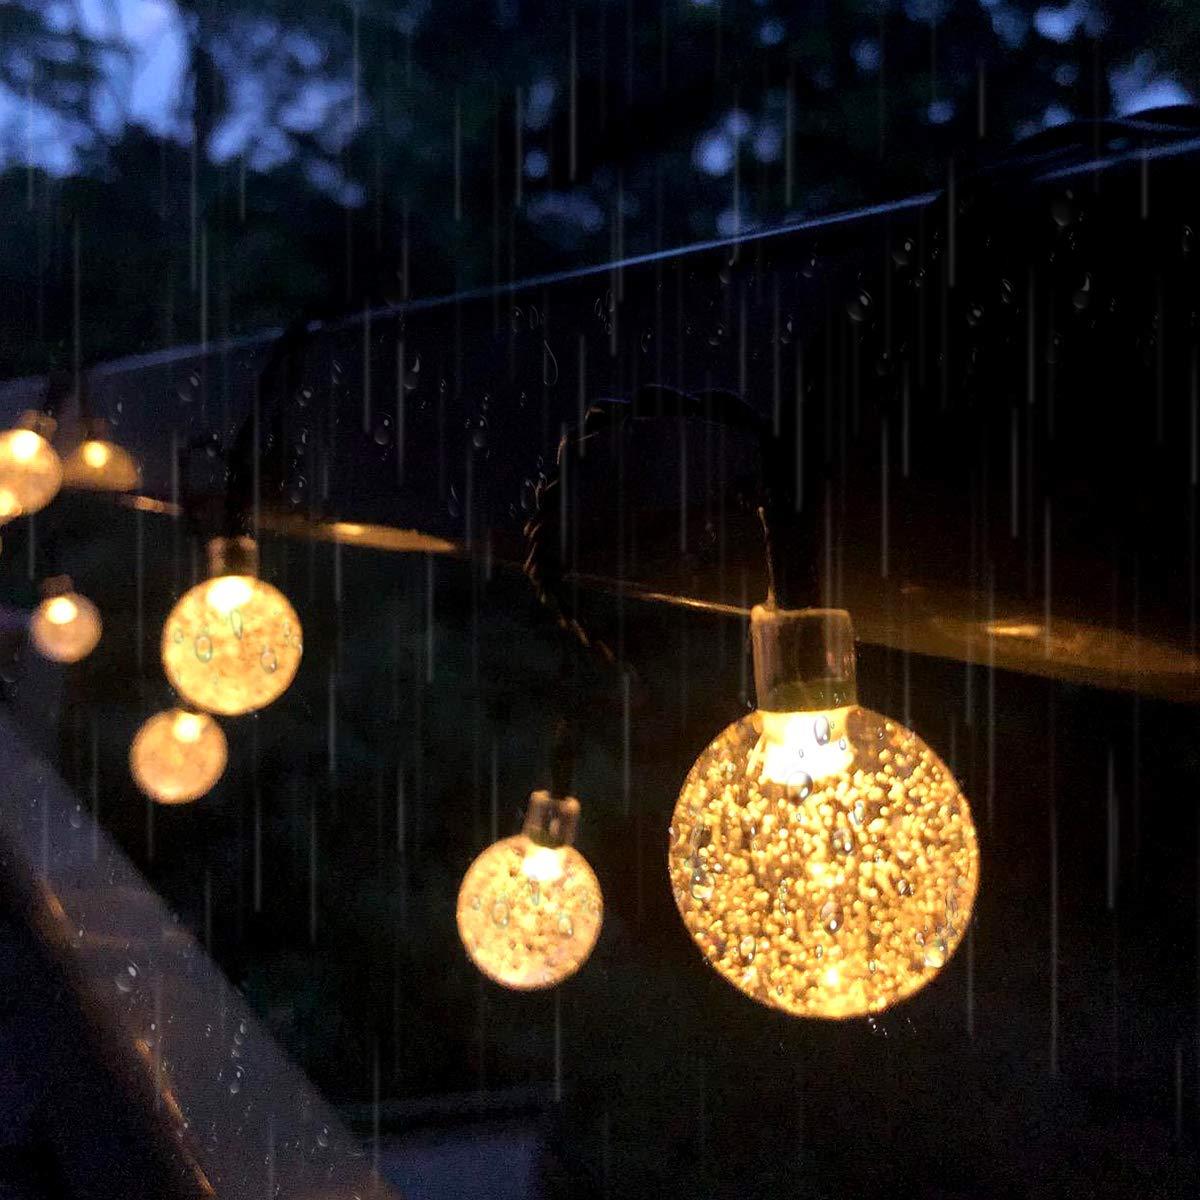 Cortili Pergole Vacanze Qomolo Catena Luminosa Solare 7 Meter 50 LED Luce Stringa Solare di Crystal Globe Impermeabile IP65 Luce Esterno Ideale per Decorazioni di Feste